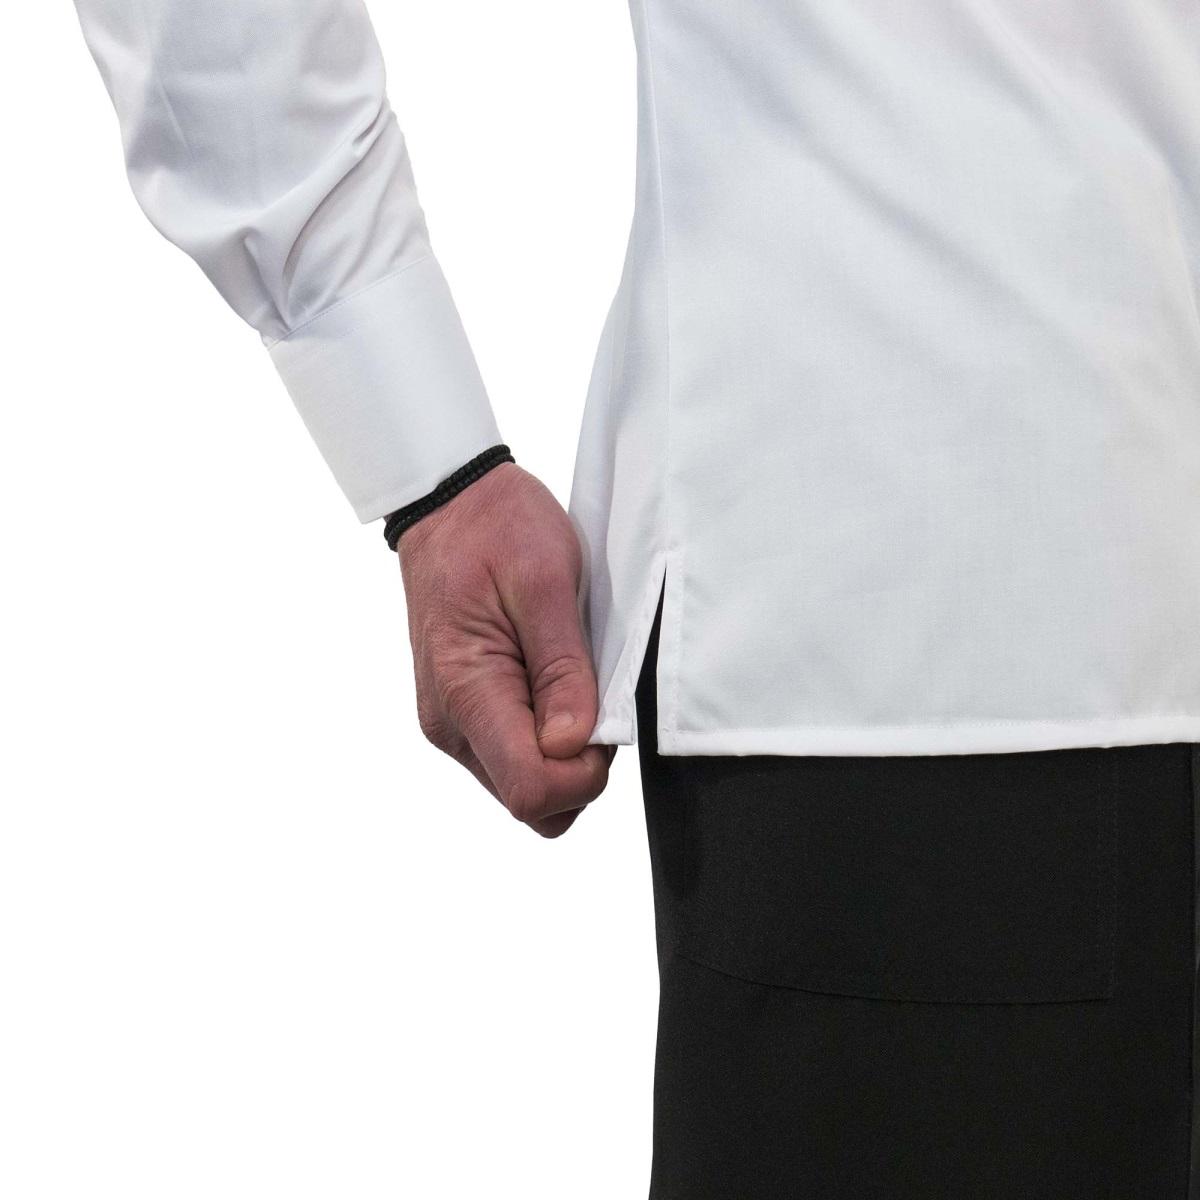 στολη executive chef-σεφ λευκη